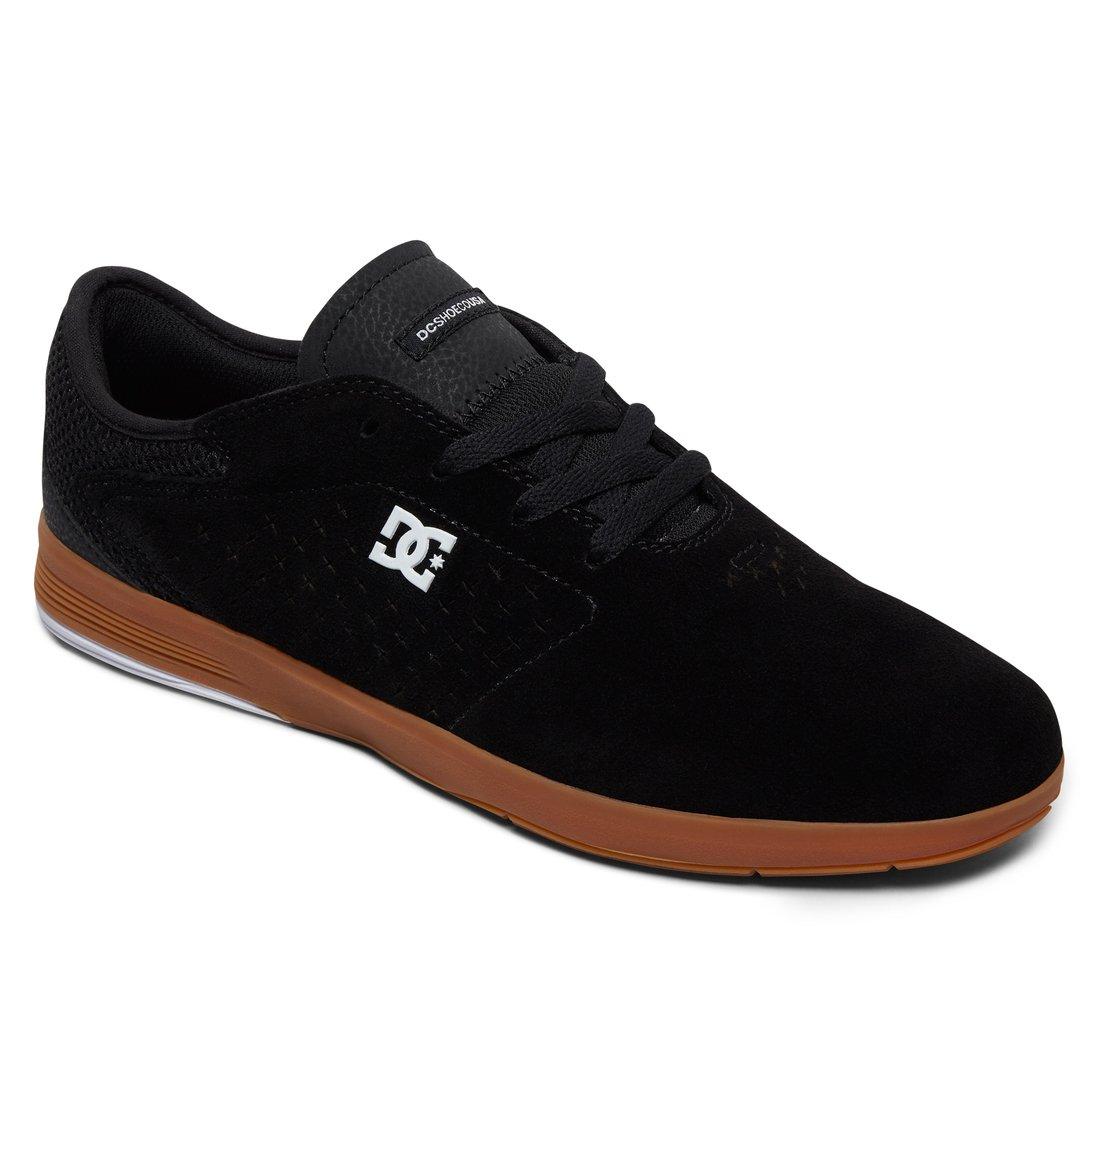 Dc Shoes New Jack S M Shoe Nvy, Color: Black, Size: 41 EU (8 US / 7 UK)